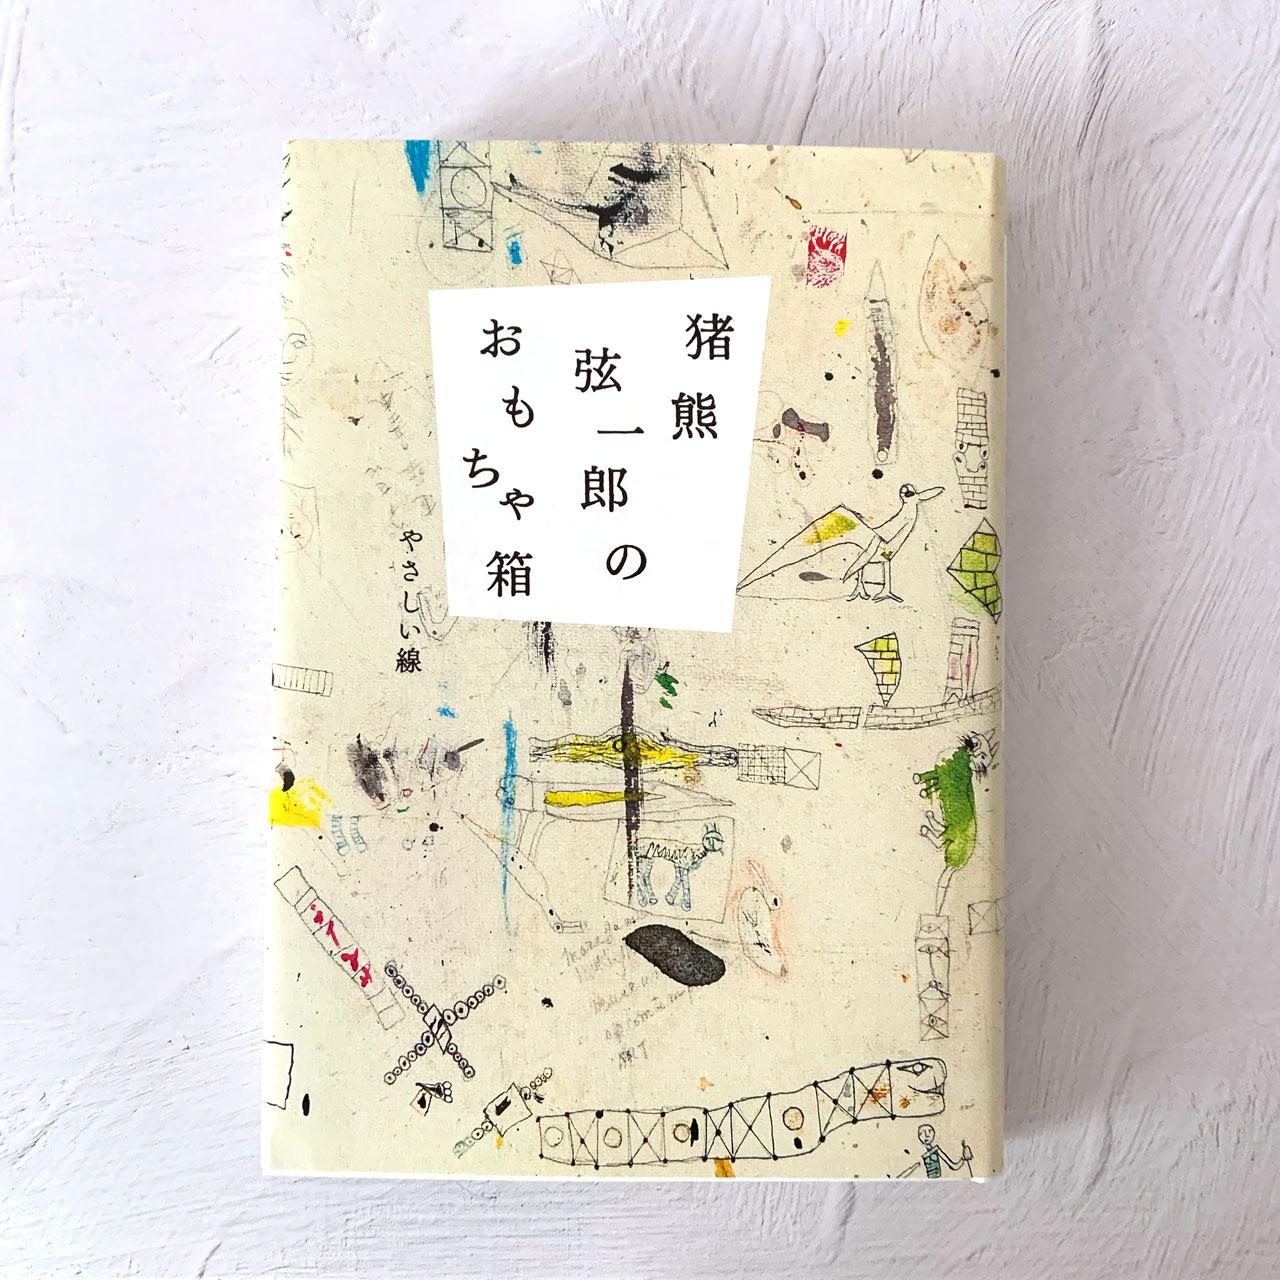 memo/読書きろく/猪熊弦一郎のおもちゃ箱: やさしい線